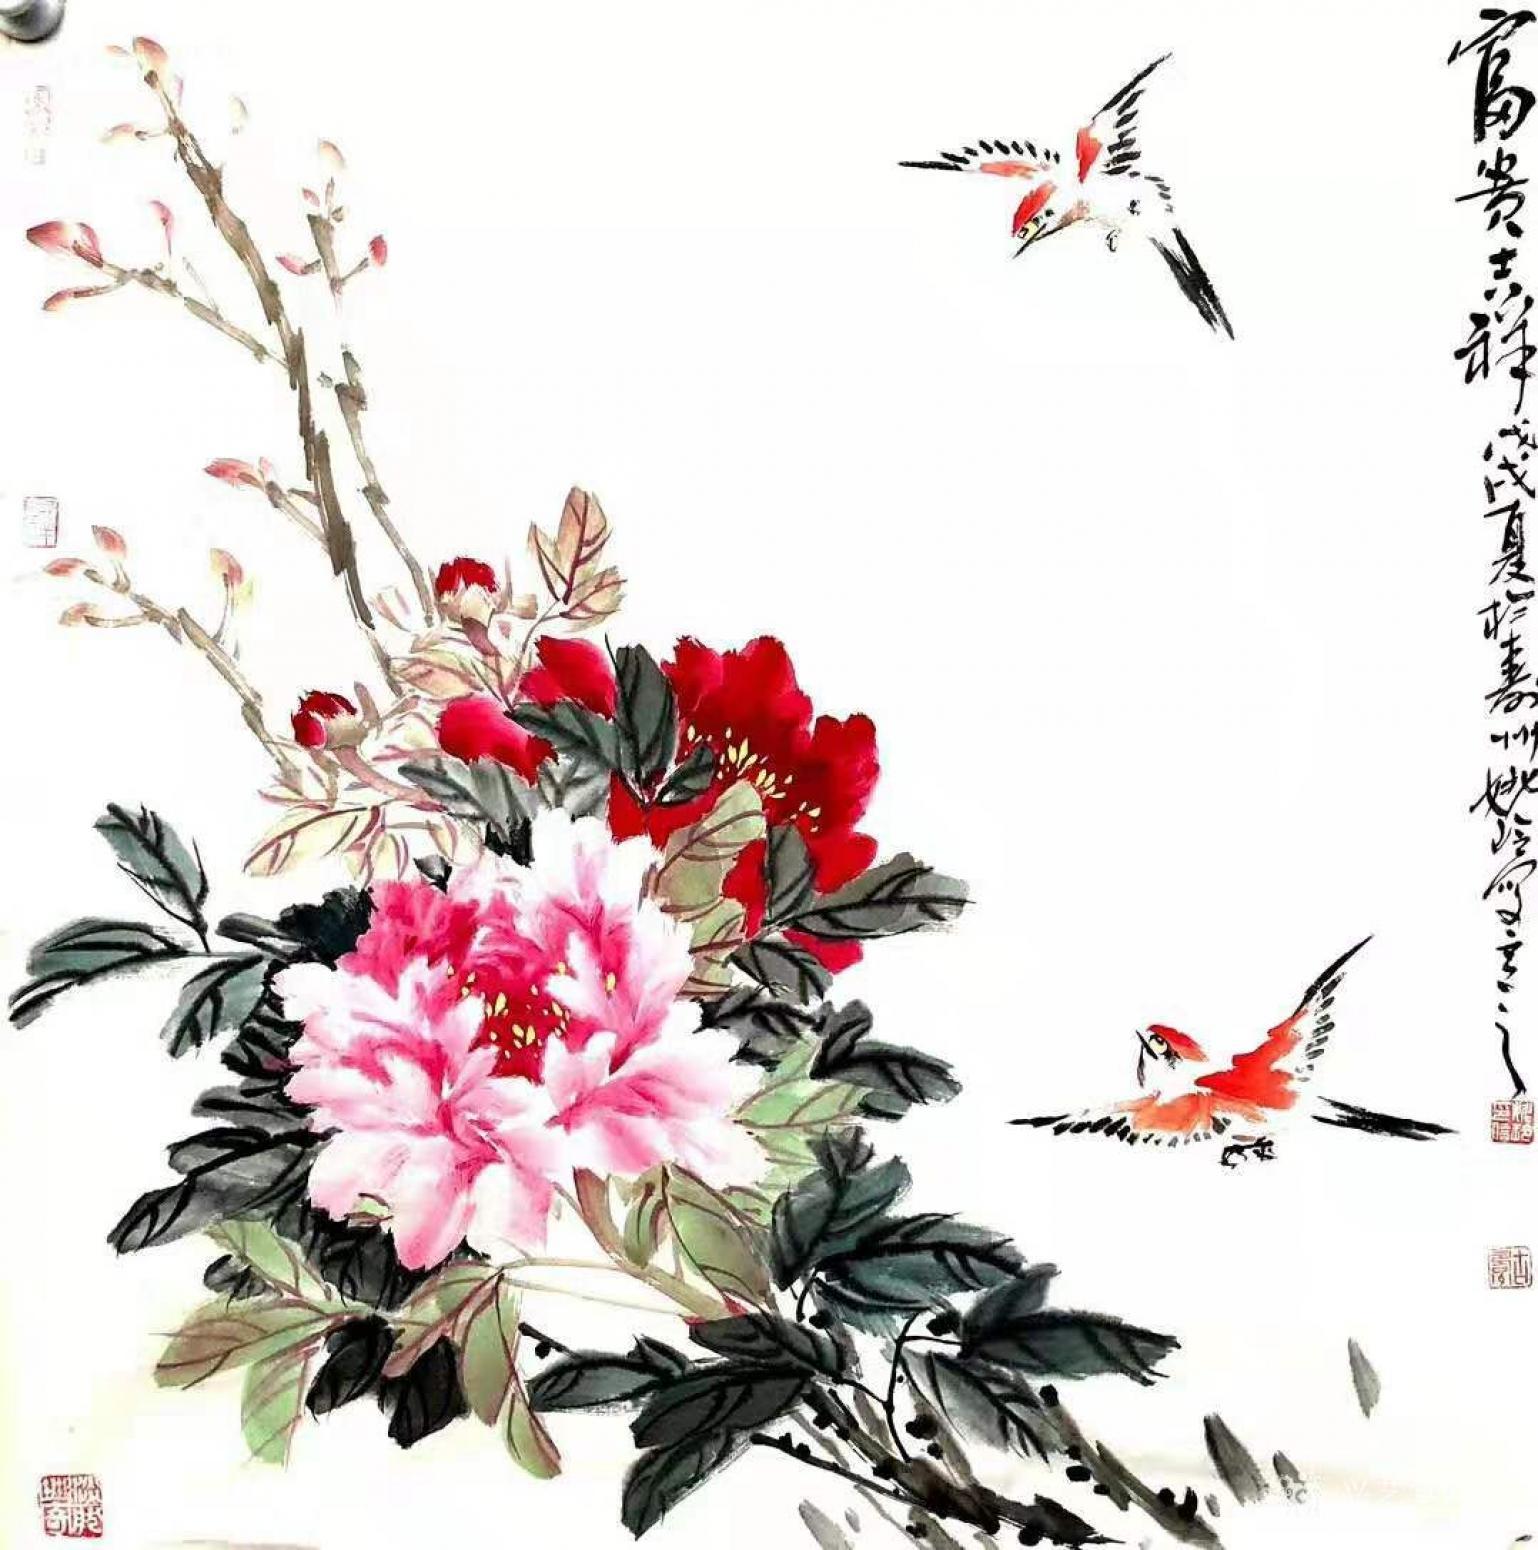 姚玲国画作品《牡丹花-富贵吉祥》